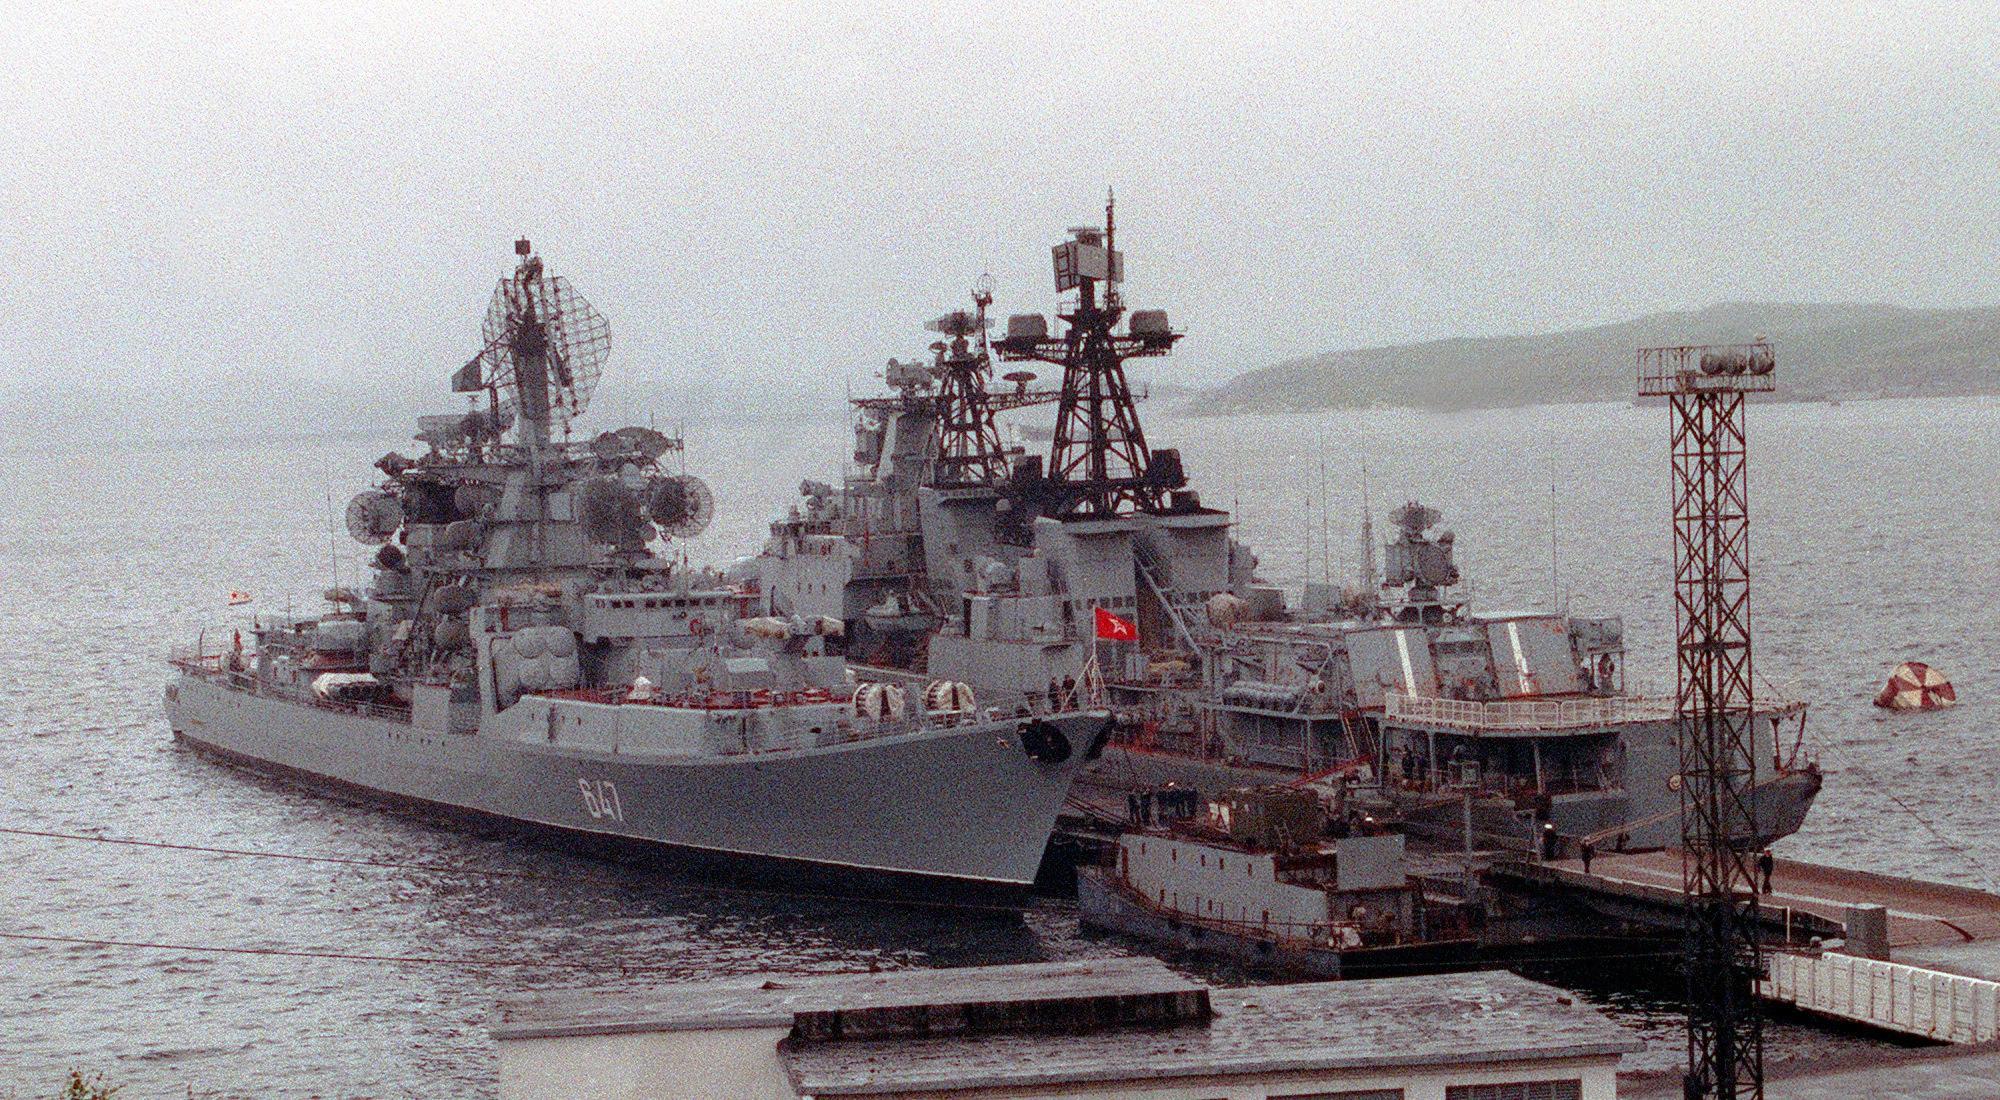 североморск корабль